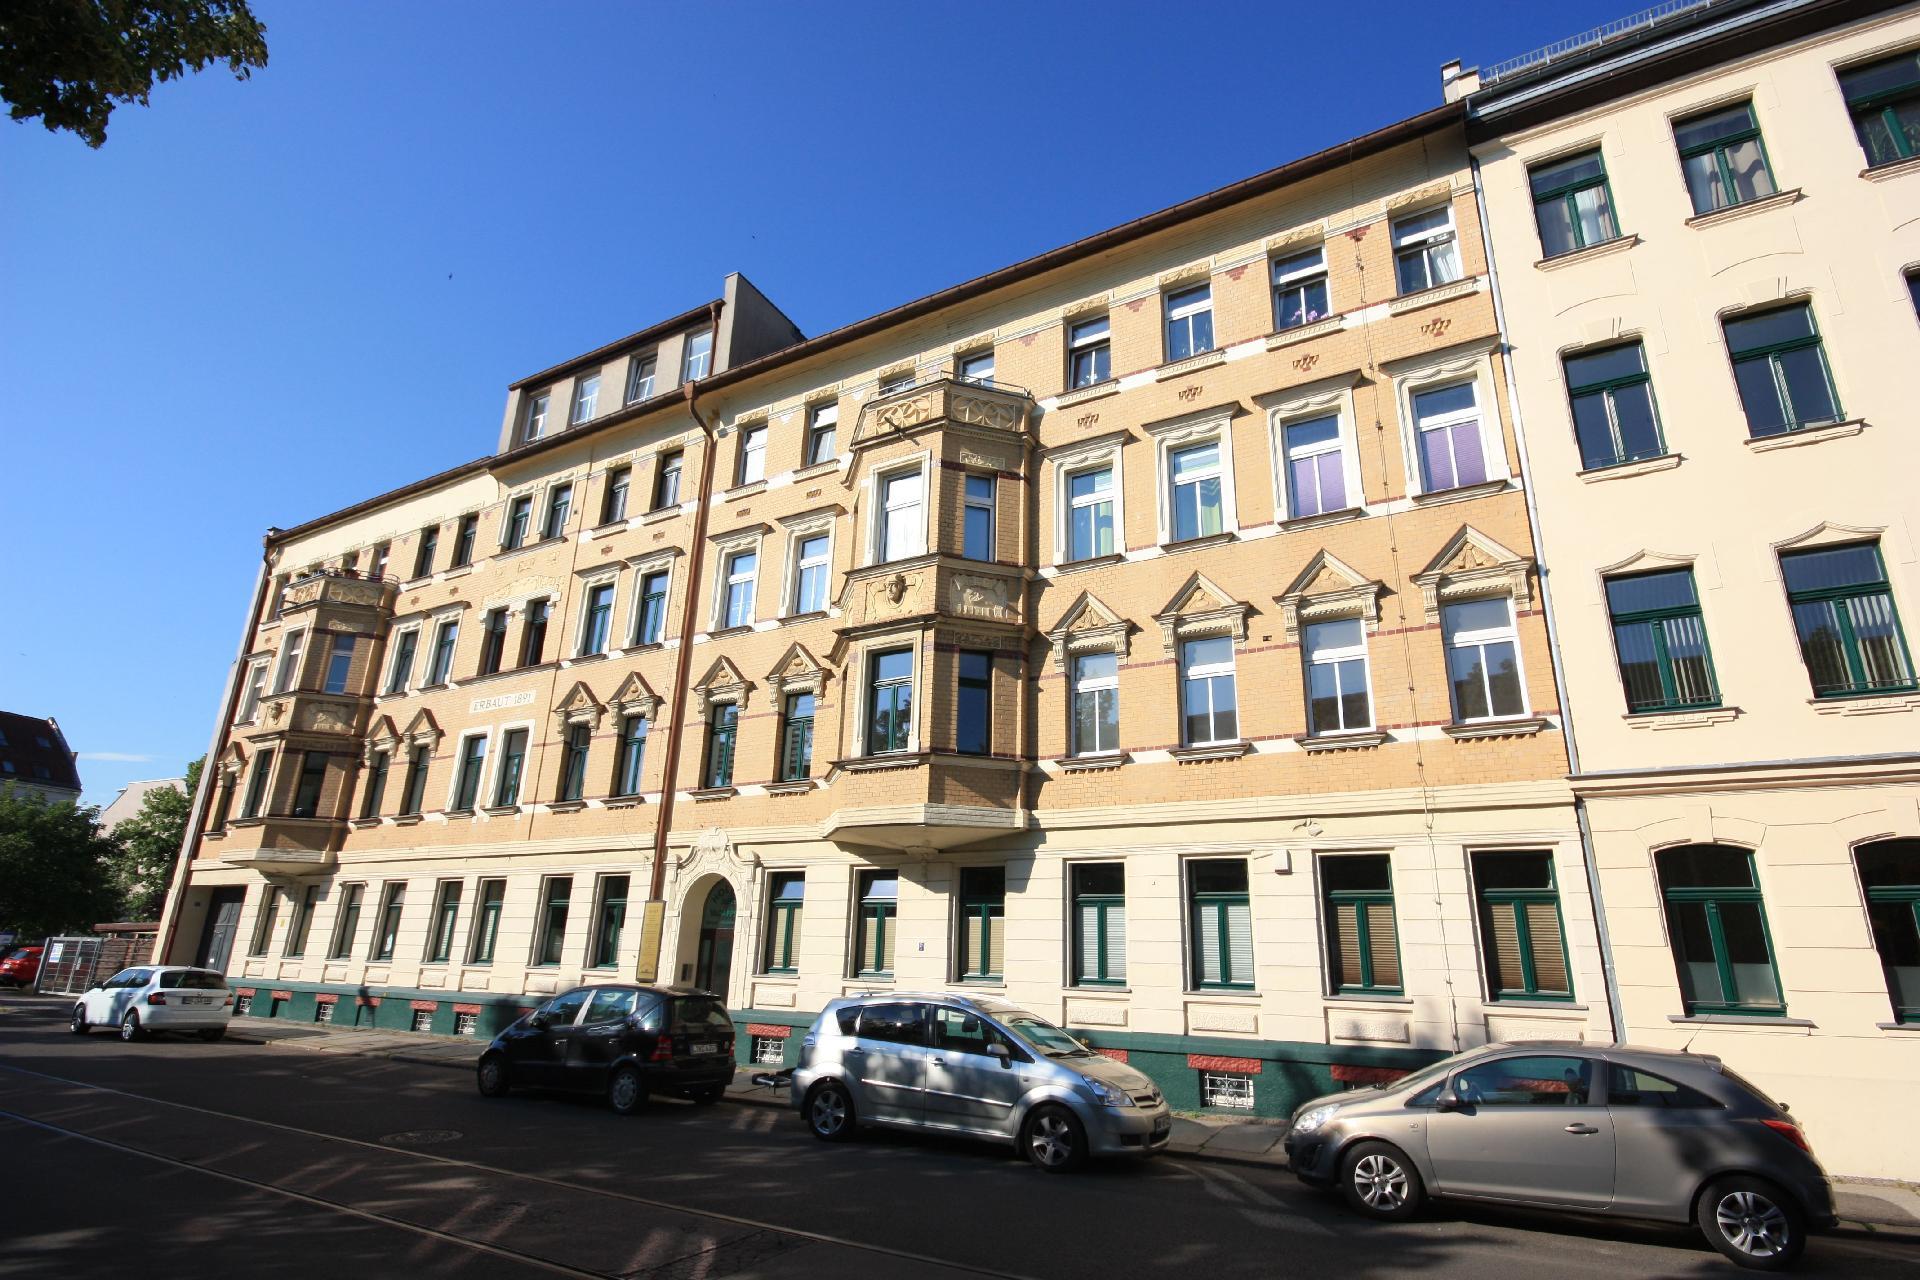 Romantik Apartments Leipzig - 2 km zum Zentrum  in Sachsen